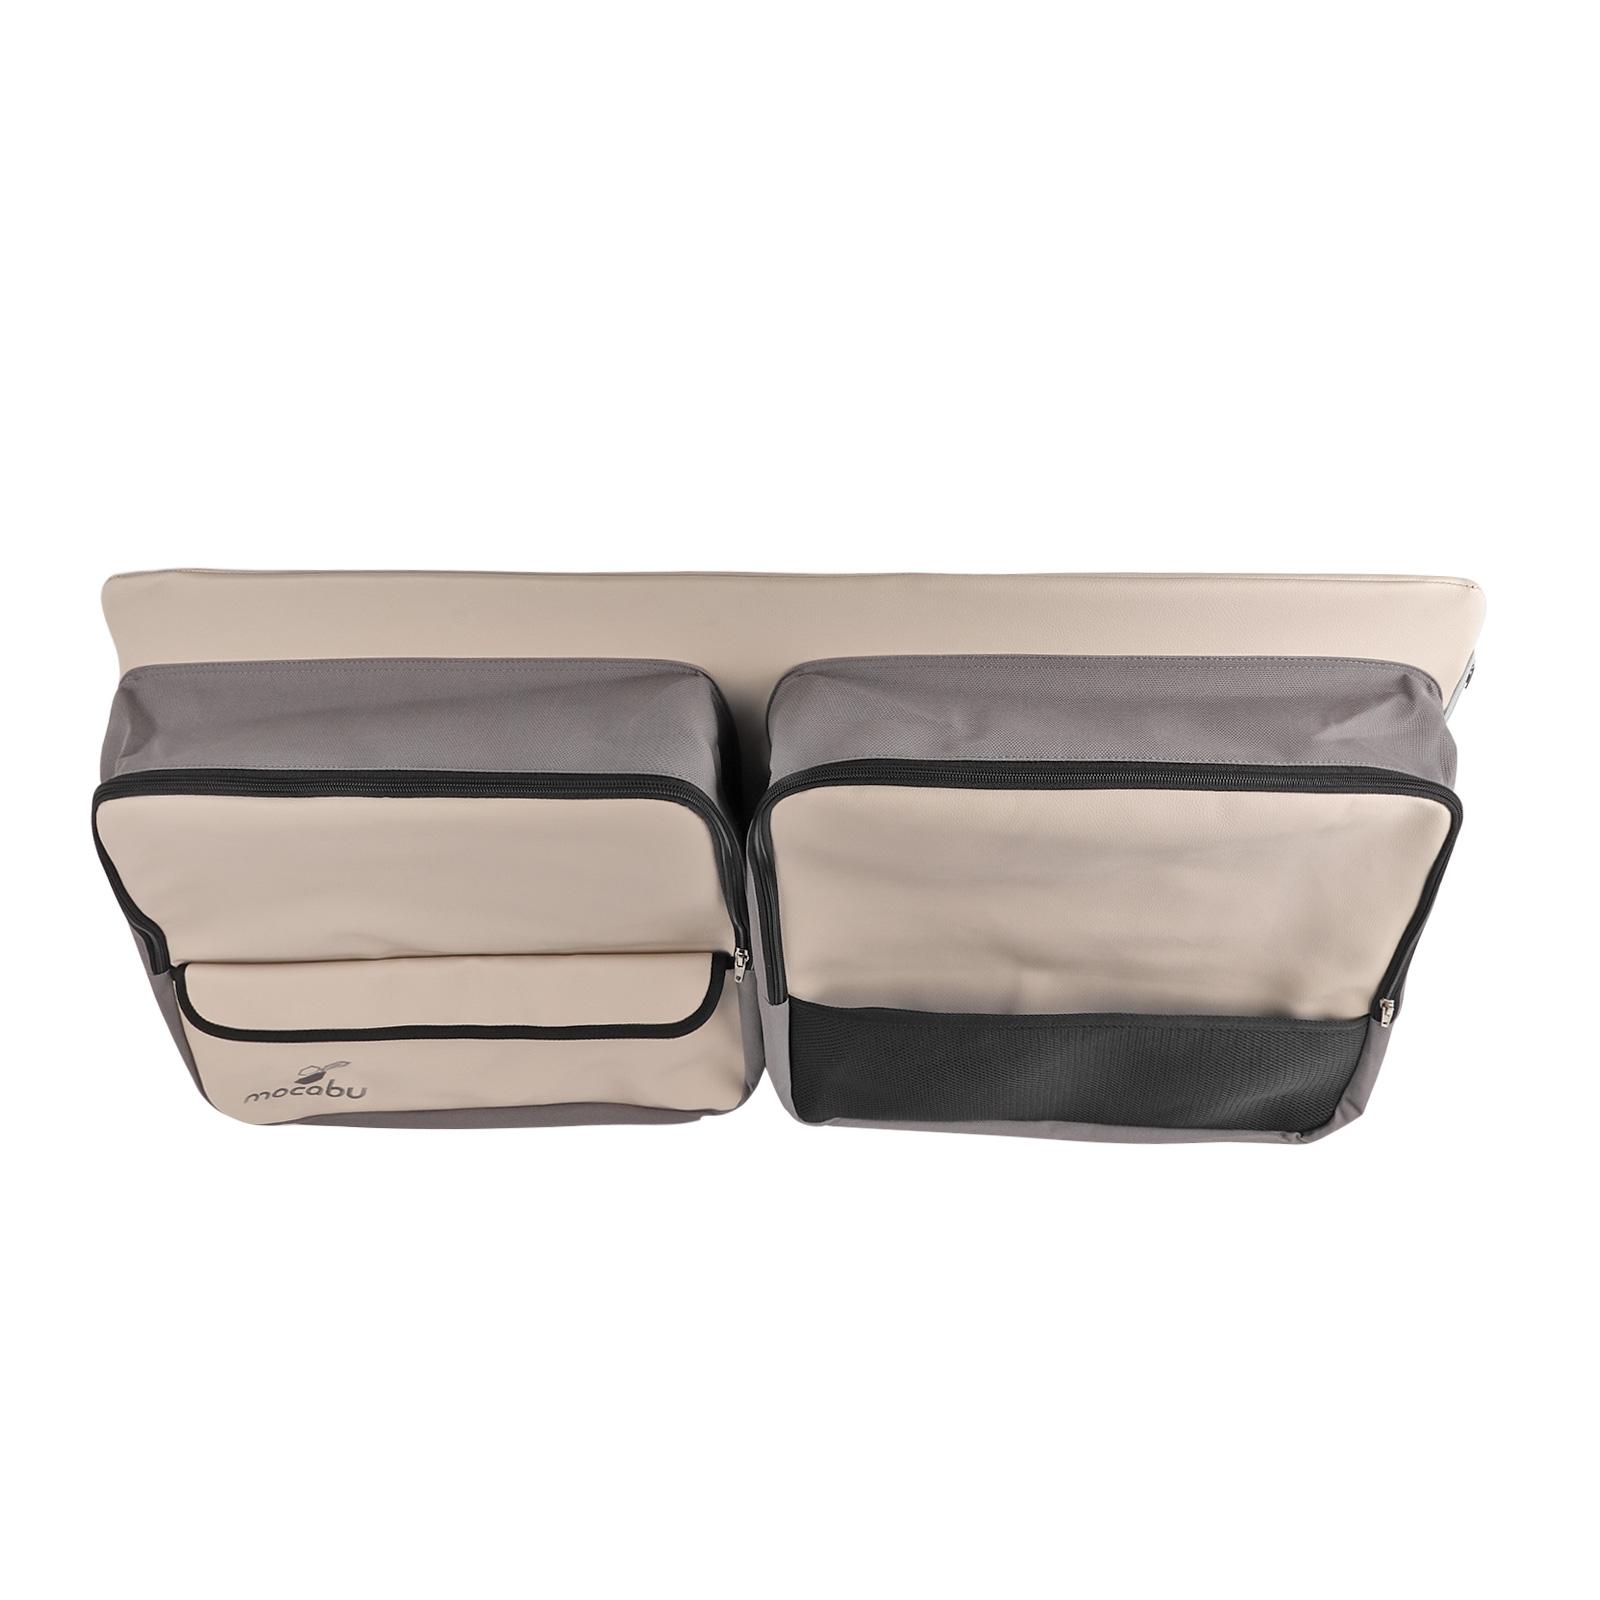 Indexbild 6 -  Fenstertasche Utensilientasche Leinenbeige passend für VW T5 T6 KR links